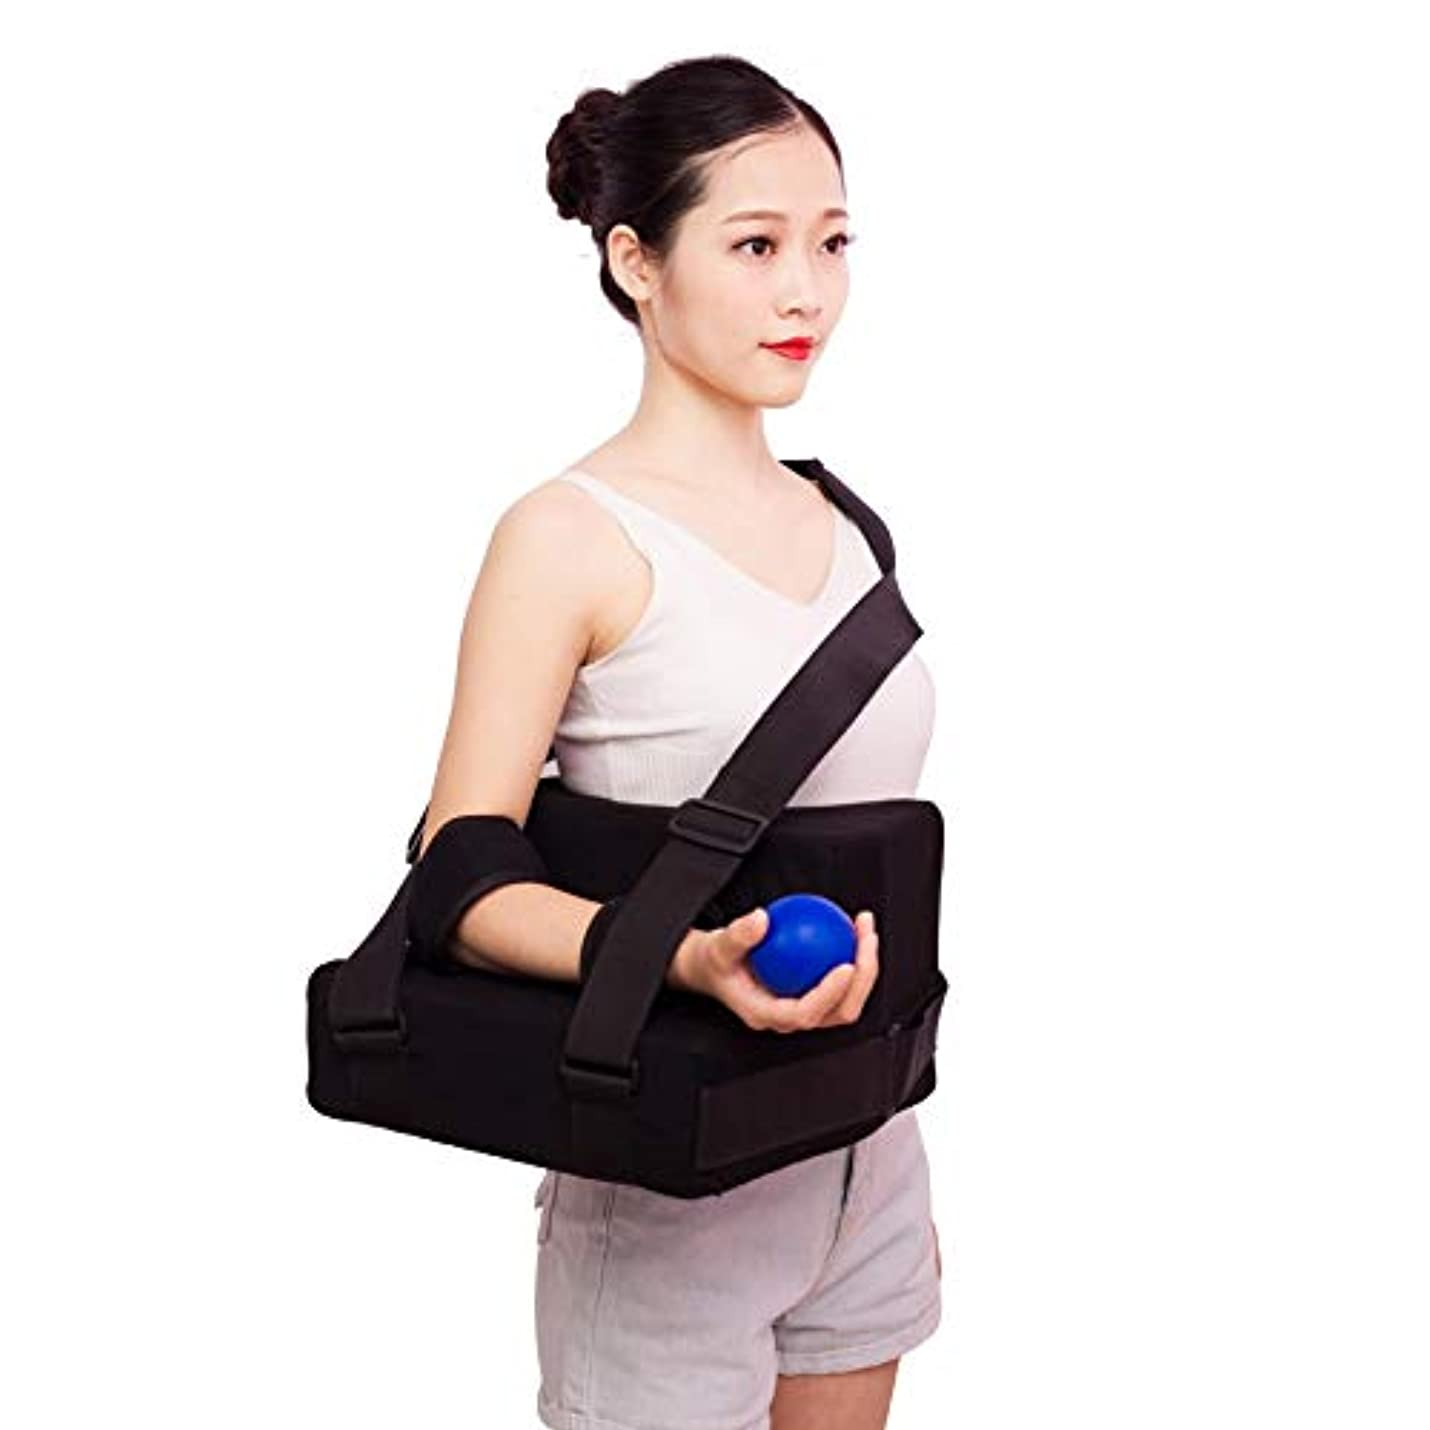 契約単調なトランジスタ枕付き肩外転スリング、肩アームイモビライザーには、ポケットストラップ、回旋腱板用のストレスボール、手術および骨折した腕が含まれます,Left